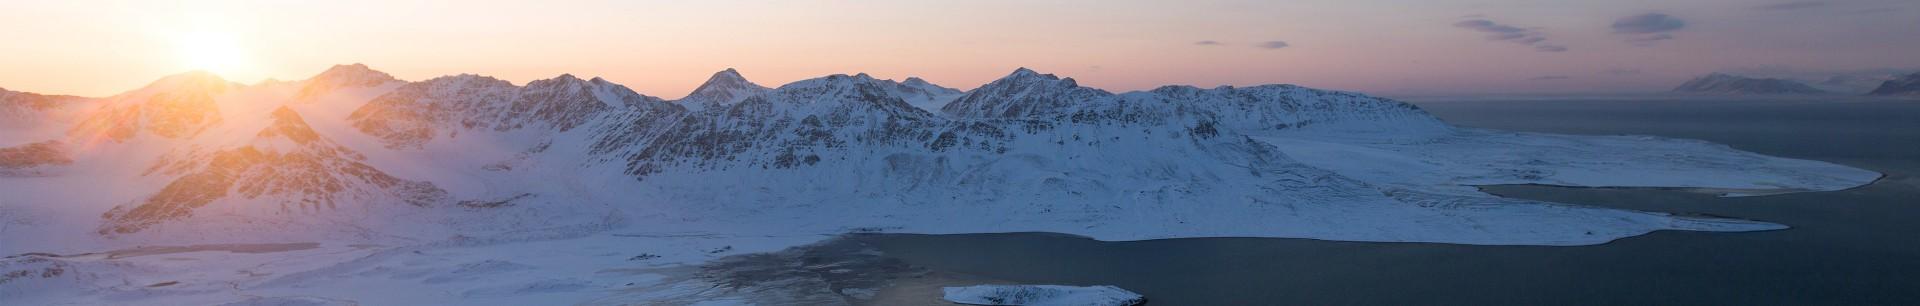 Svalbard kunsthåndverk: drivved bilderammer og vakre skjærefjøl fra Longyearbyen